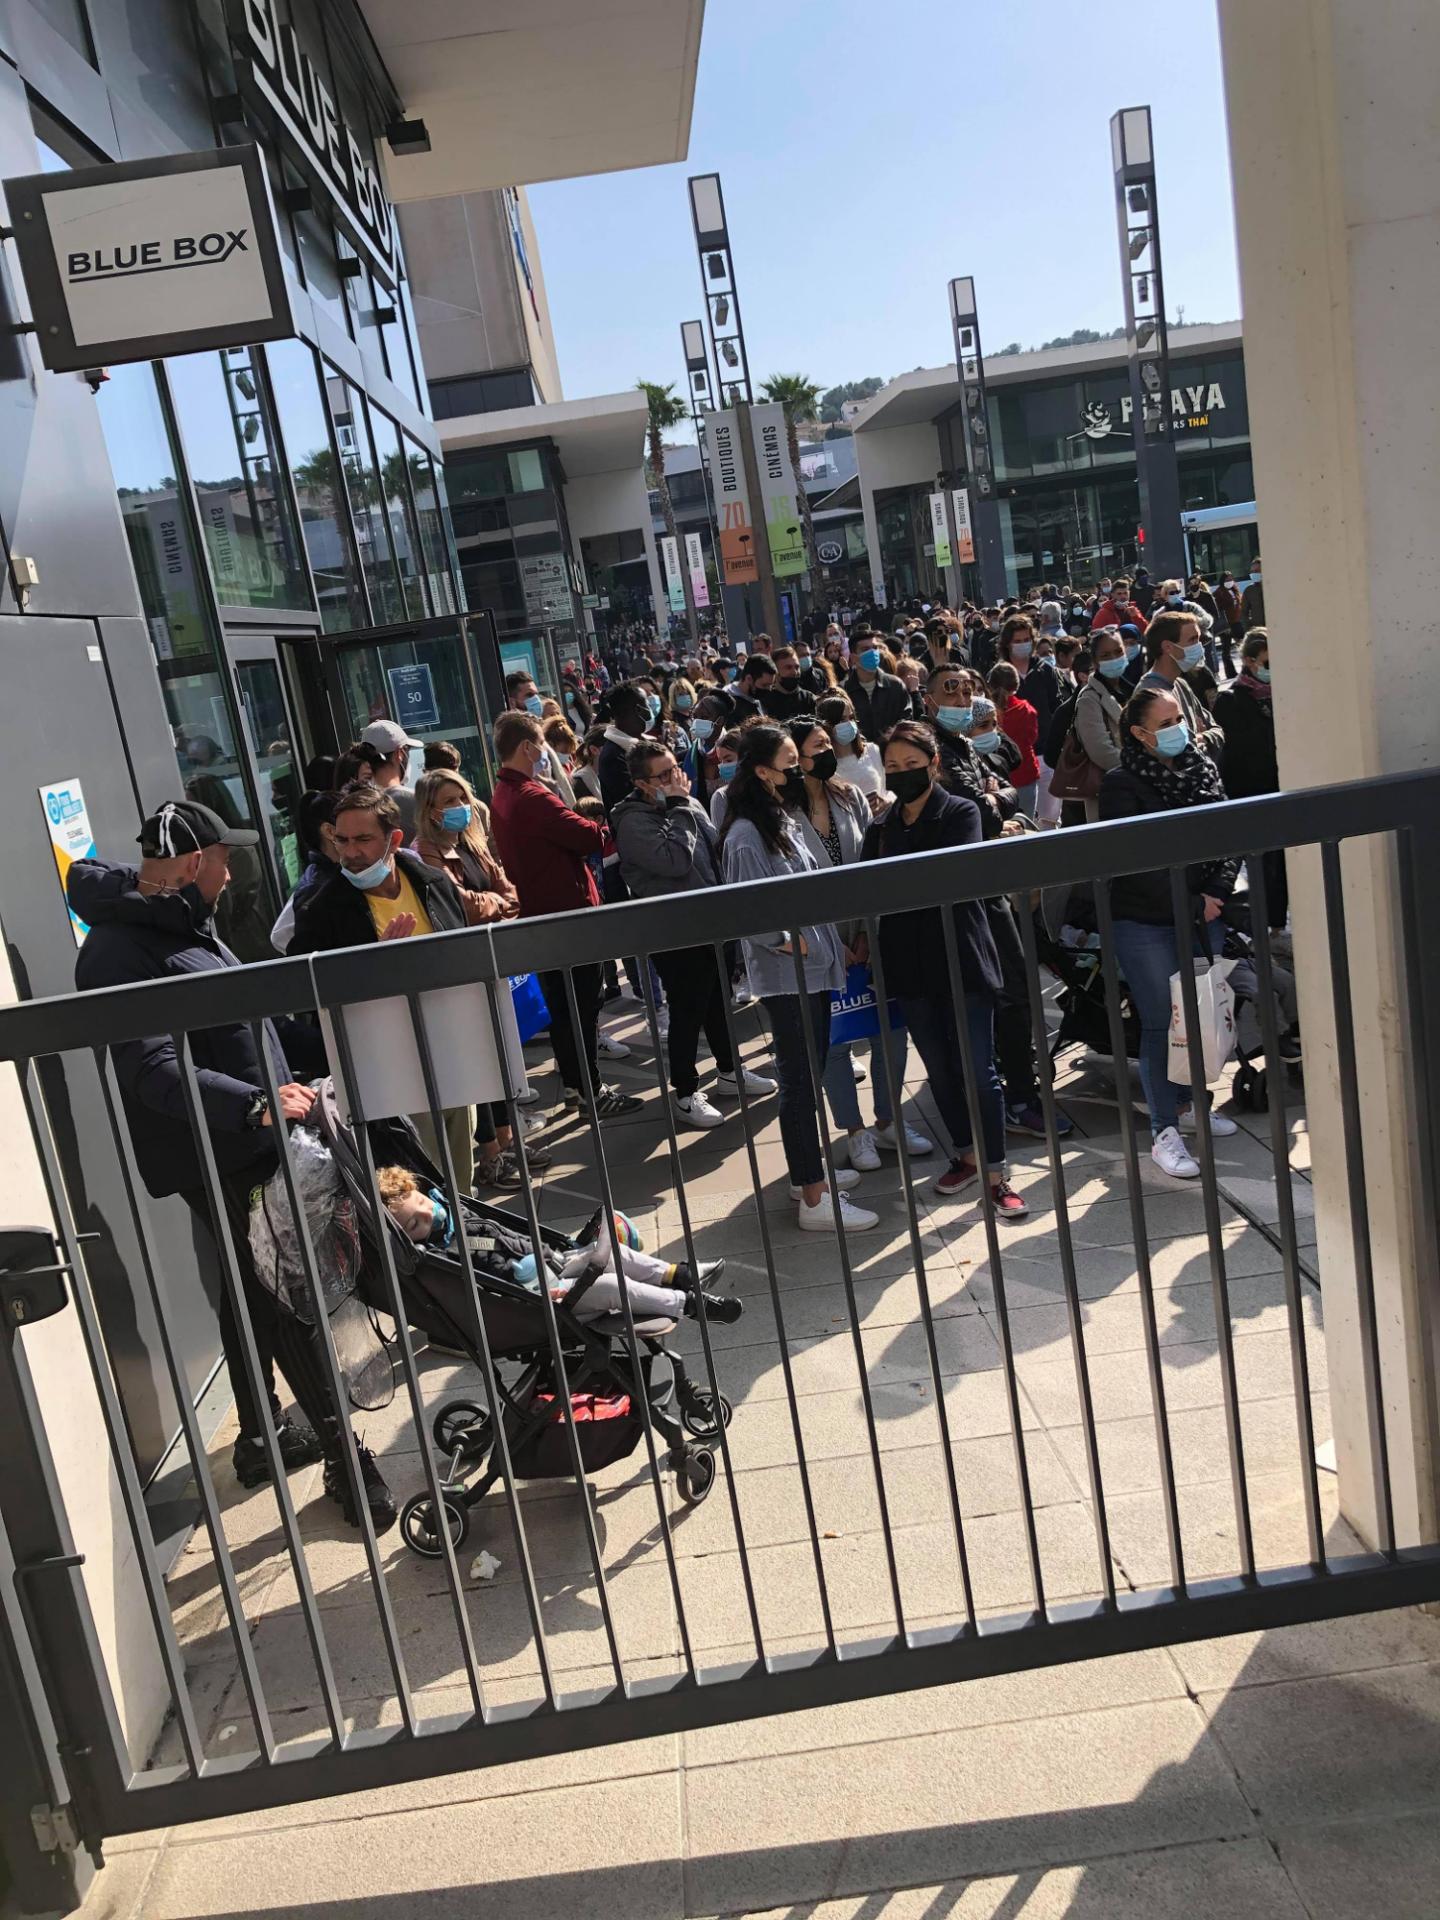 Les familles sont venues en masse, samedi, à l'Avenue 83, dernier centre commercial ouvert de la zone. La jauge y est fixée à moins de 3.400 personnes.